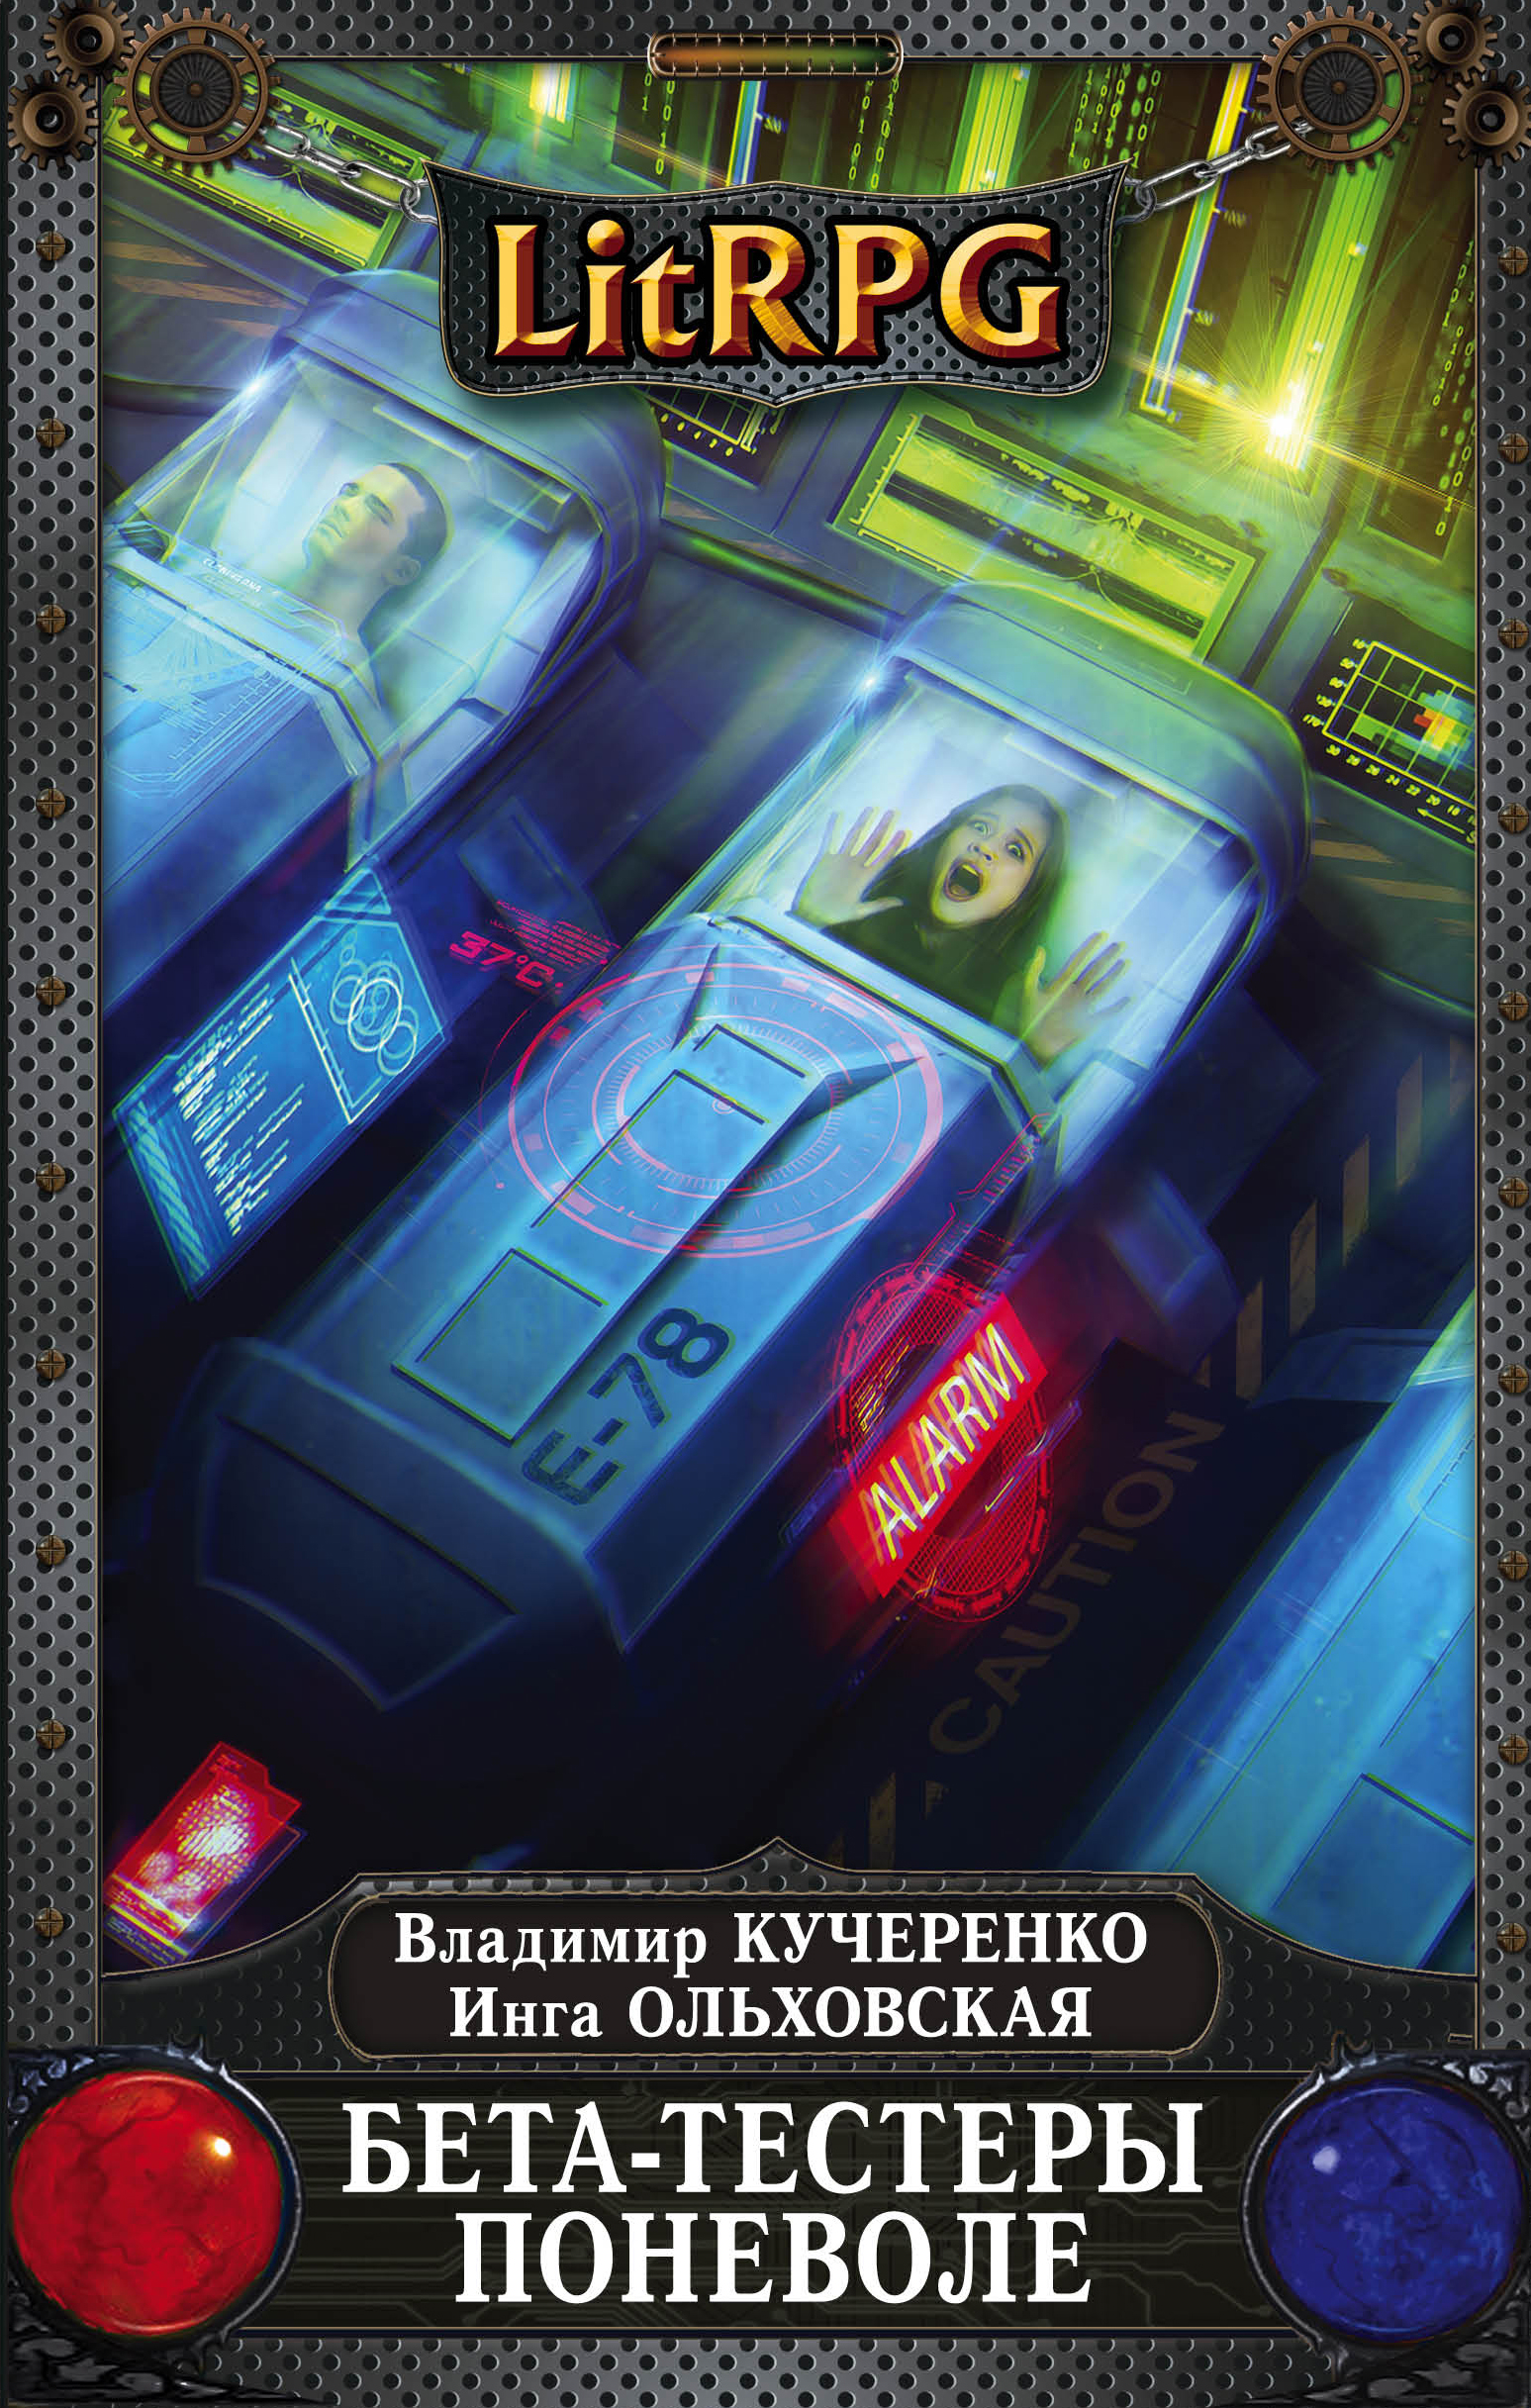 Владимир Кучеренко Бета-тестеры поневоле книги эксмо бета тестеры поневоле